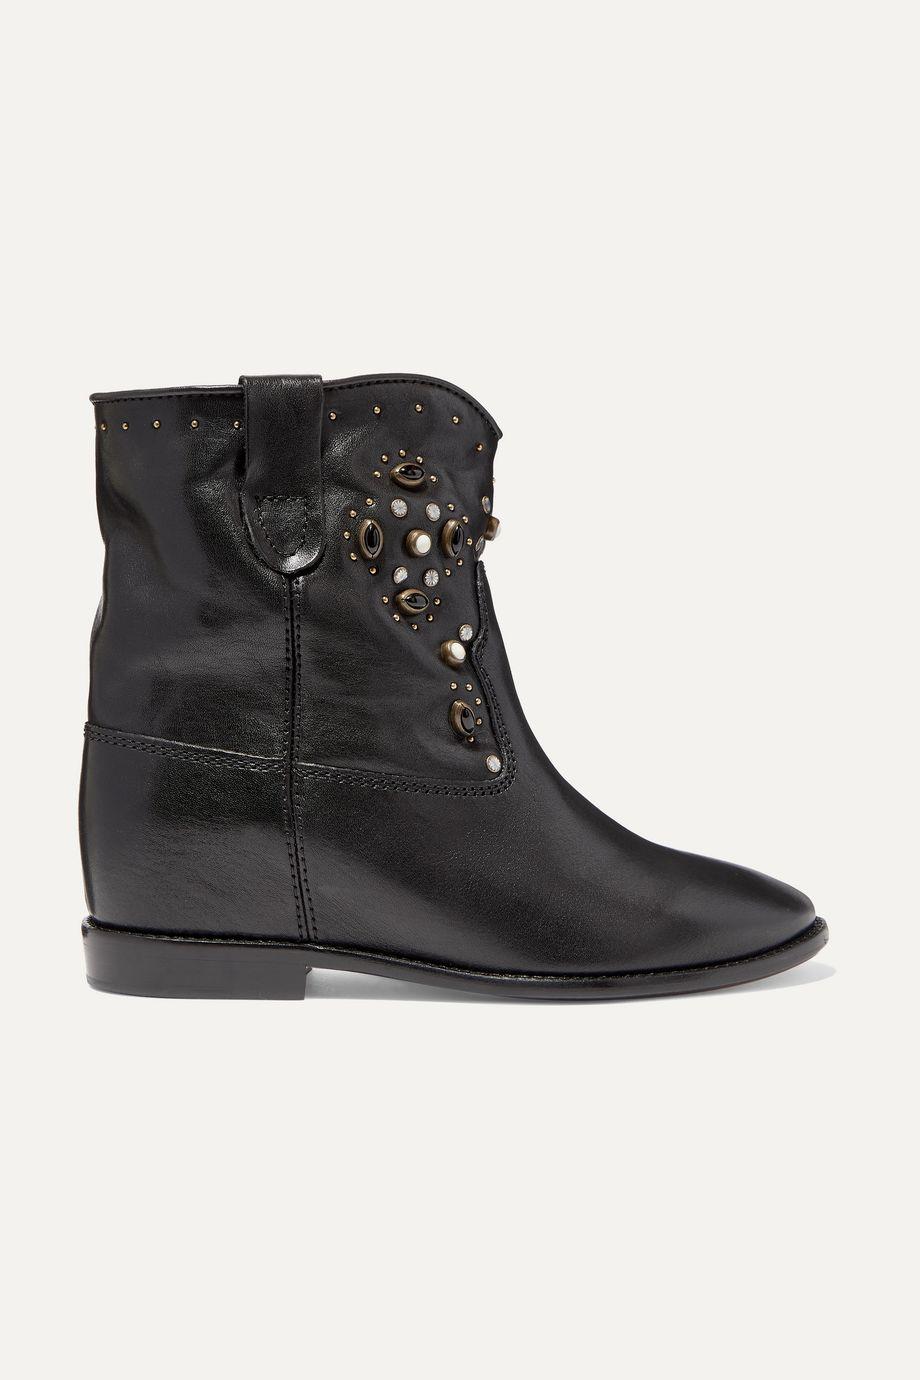 Isabel Marant Cluster embellished leather ankle boots